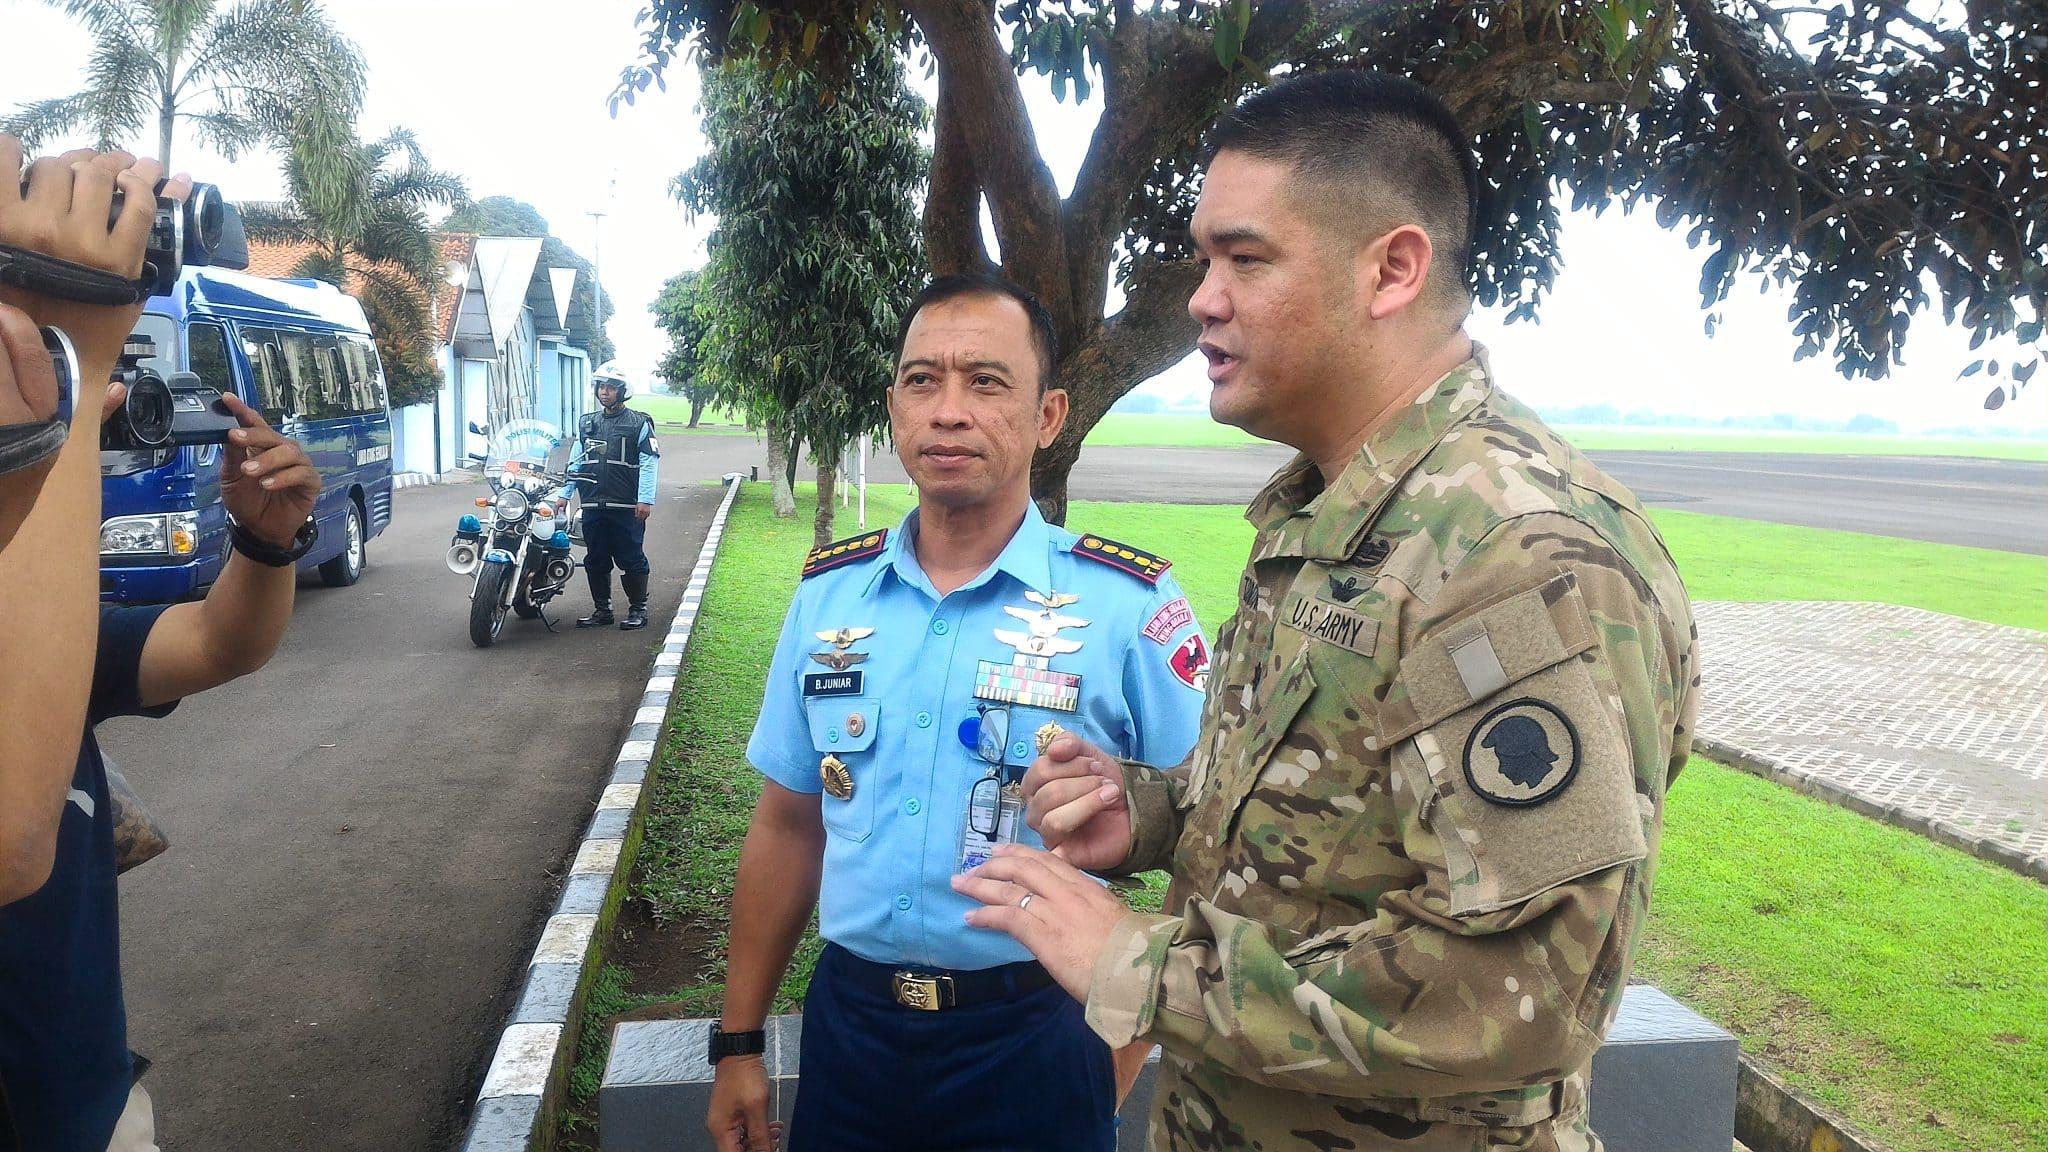 Hawai Army National Guard dari Amerika Kunjungi Lanud Ats